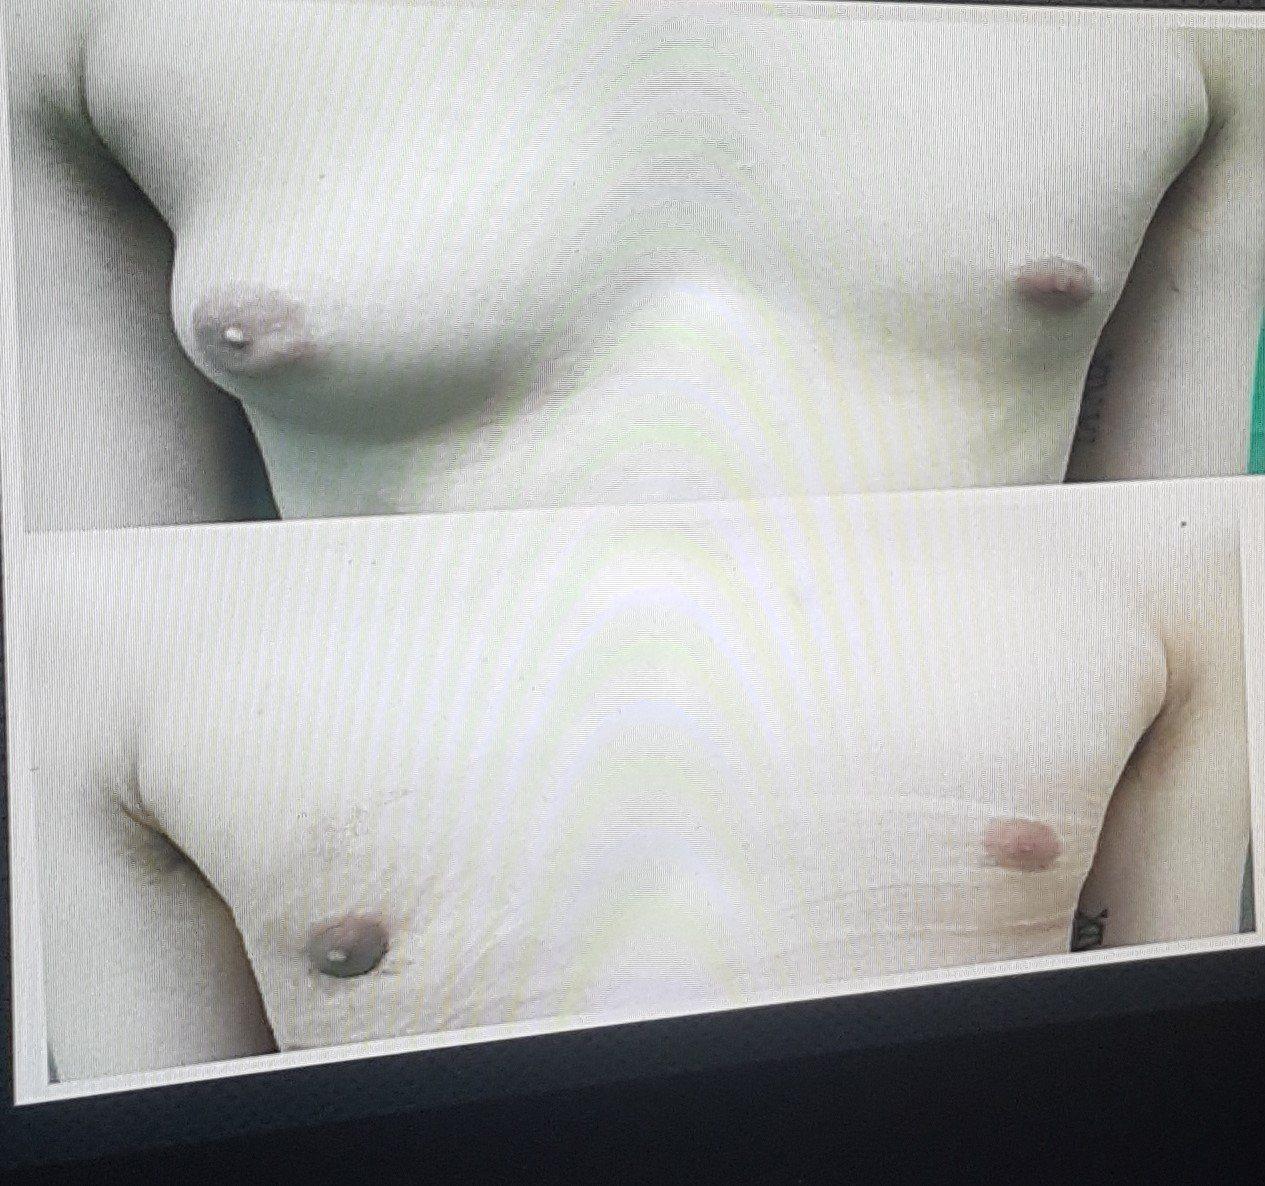 一名25歲男性女乳症患者的右側乳房逼近C罩杯,常被同儕嘲笑,動刀後終於恢復平坦。...